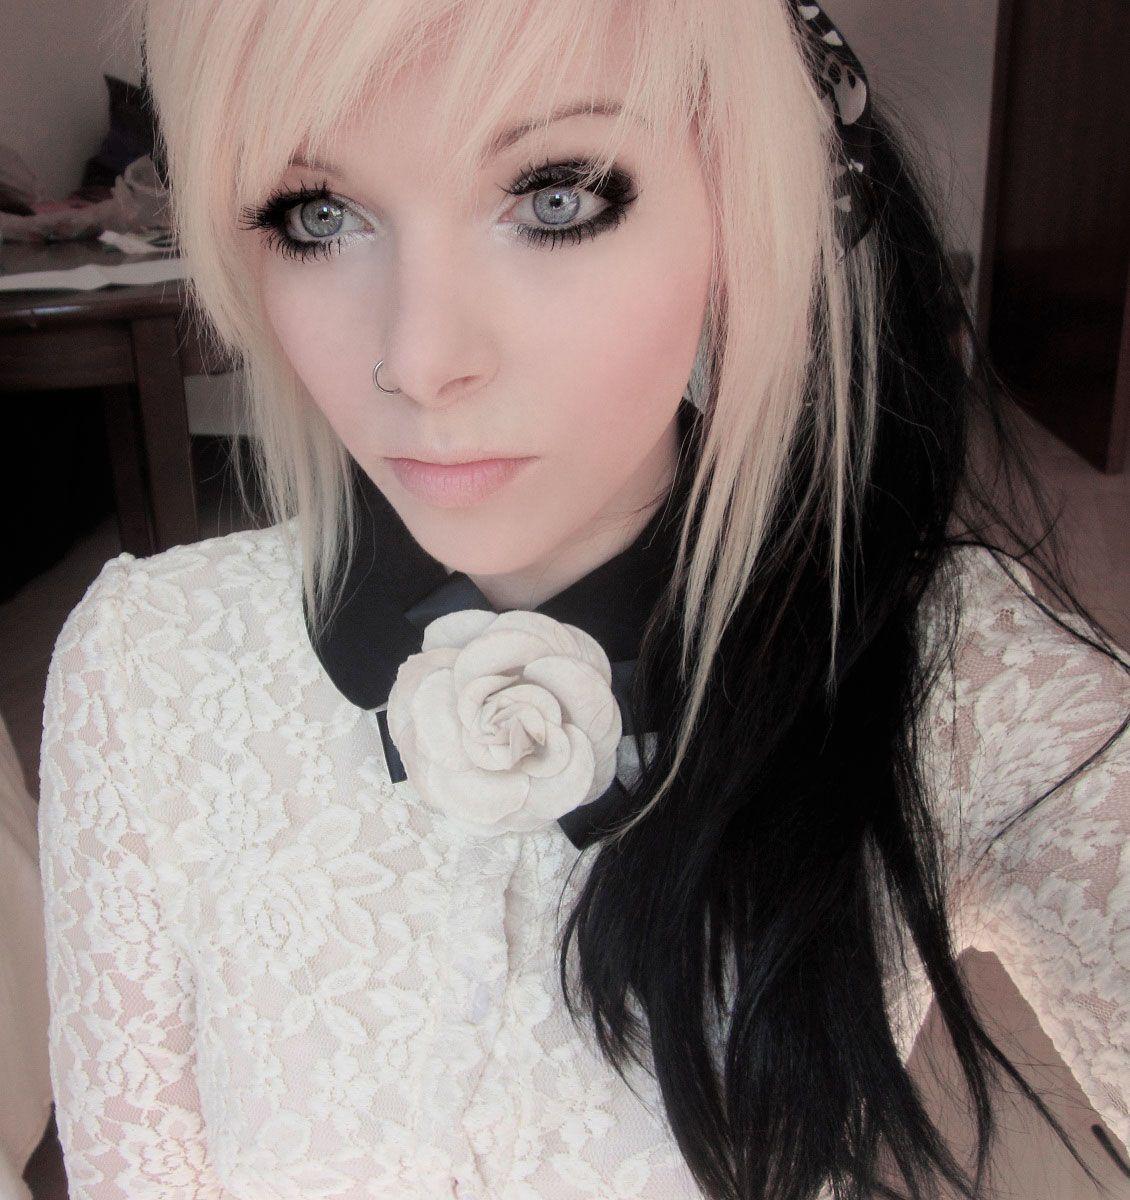 Ira vampira emo girl scne equeen blonde hair black hair blue eyes